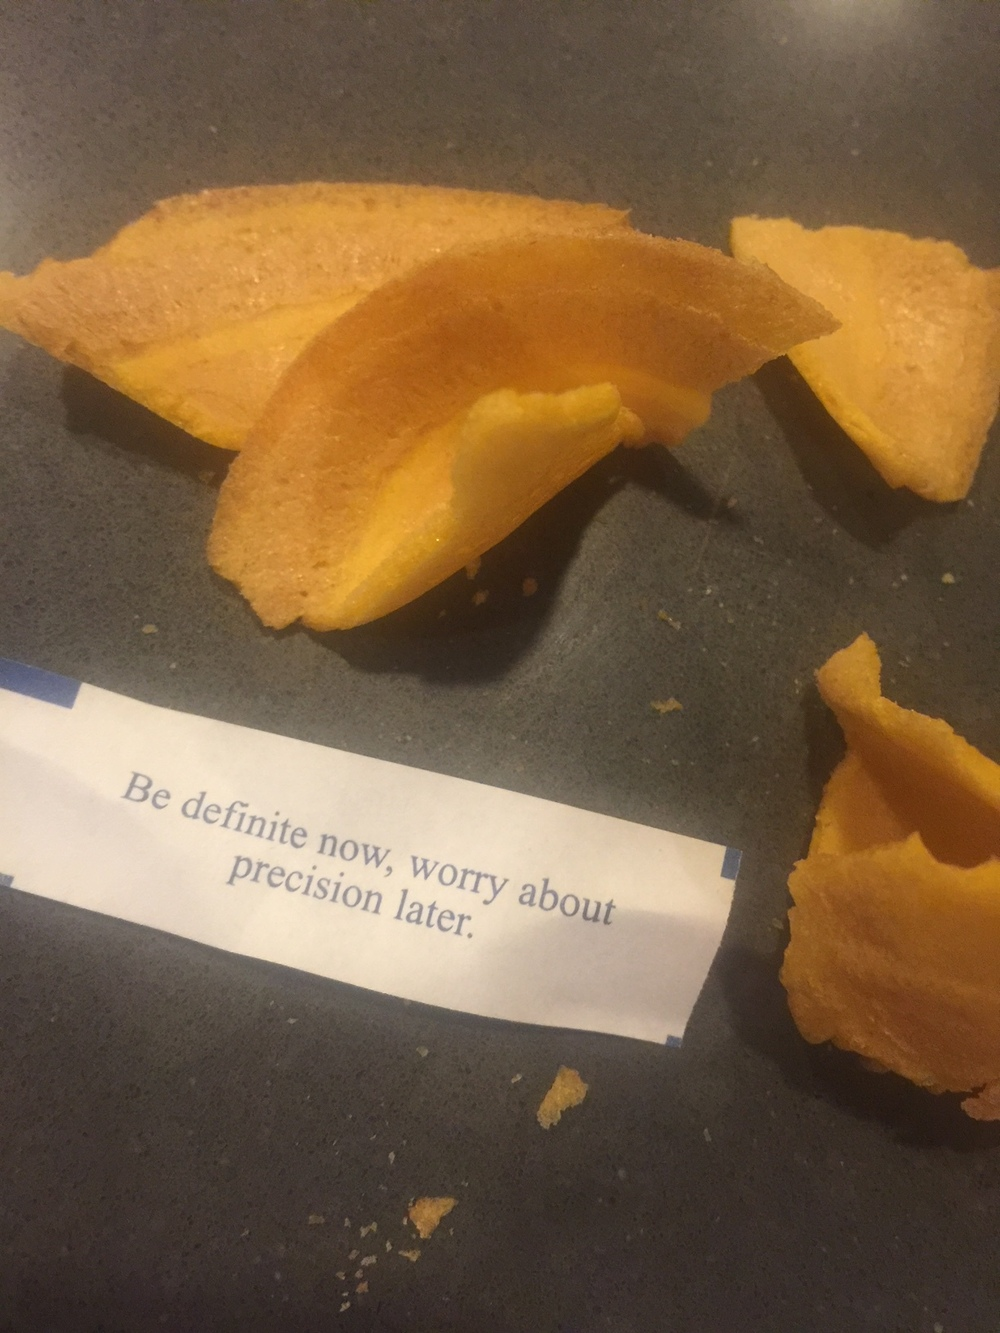 Og dette sa min fortune cookie: Be definite now, worry about precision later. Jeg tolker det som at jeg aller først skal komme meg i mål med de gjenstående kapitlene og rekkefølgen - og SÅ ta finpussingen. (Man kan tyde som man vil, ikke sant?)